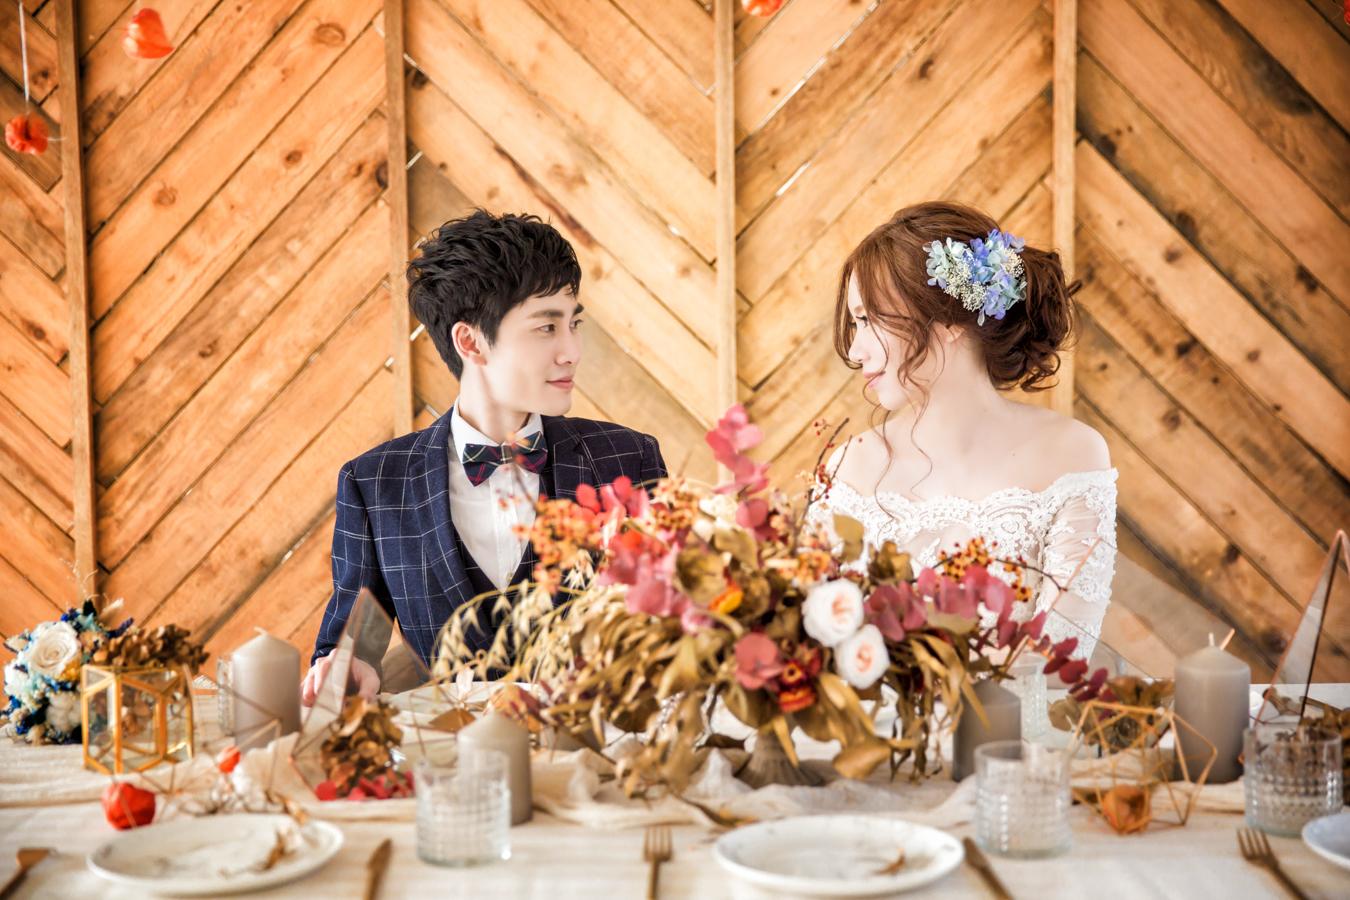 自助婚紗 | 俊廷+彩瀞 PREWEDDING  芭蕾城市渡假旅店  顏氏牧場  彰濱 |國內婚紗|台中婚紗